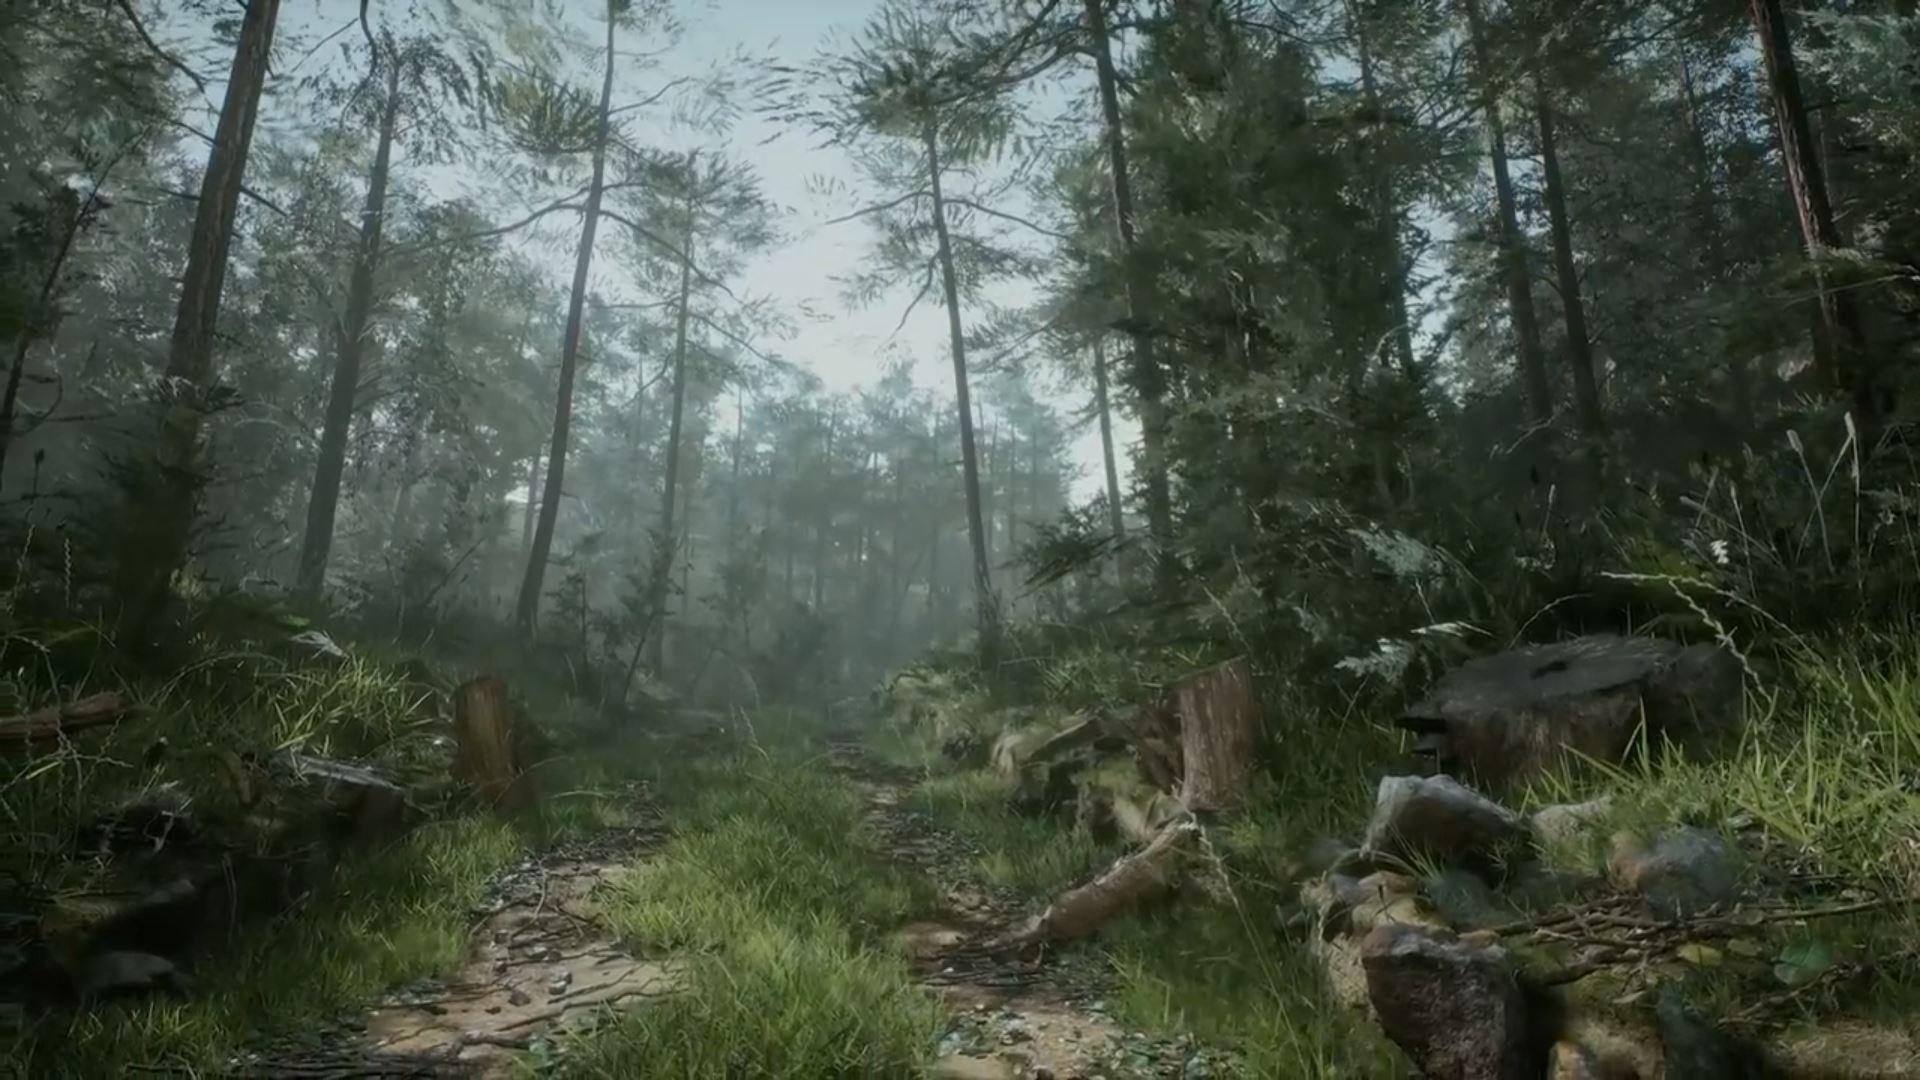 آموزش لول دیزاین جنگل در نرم افزار آنریل انجین unrealengine